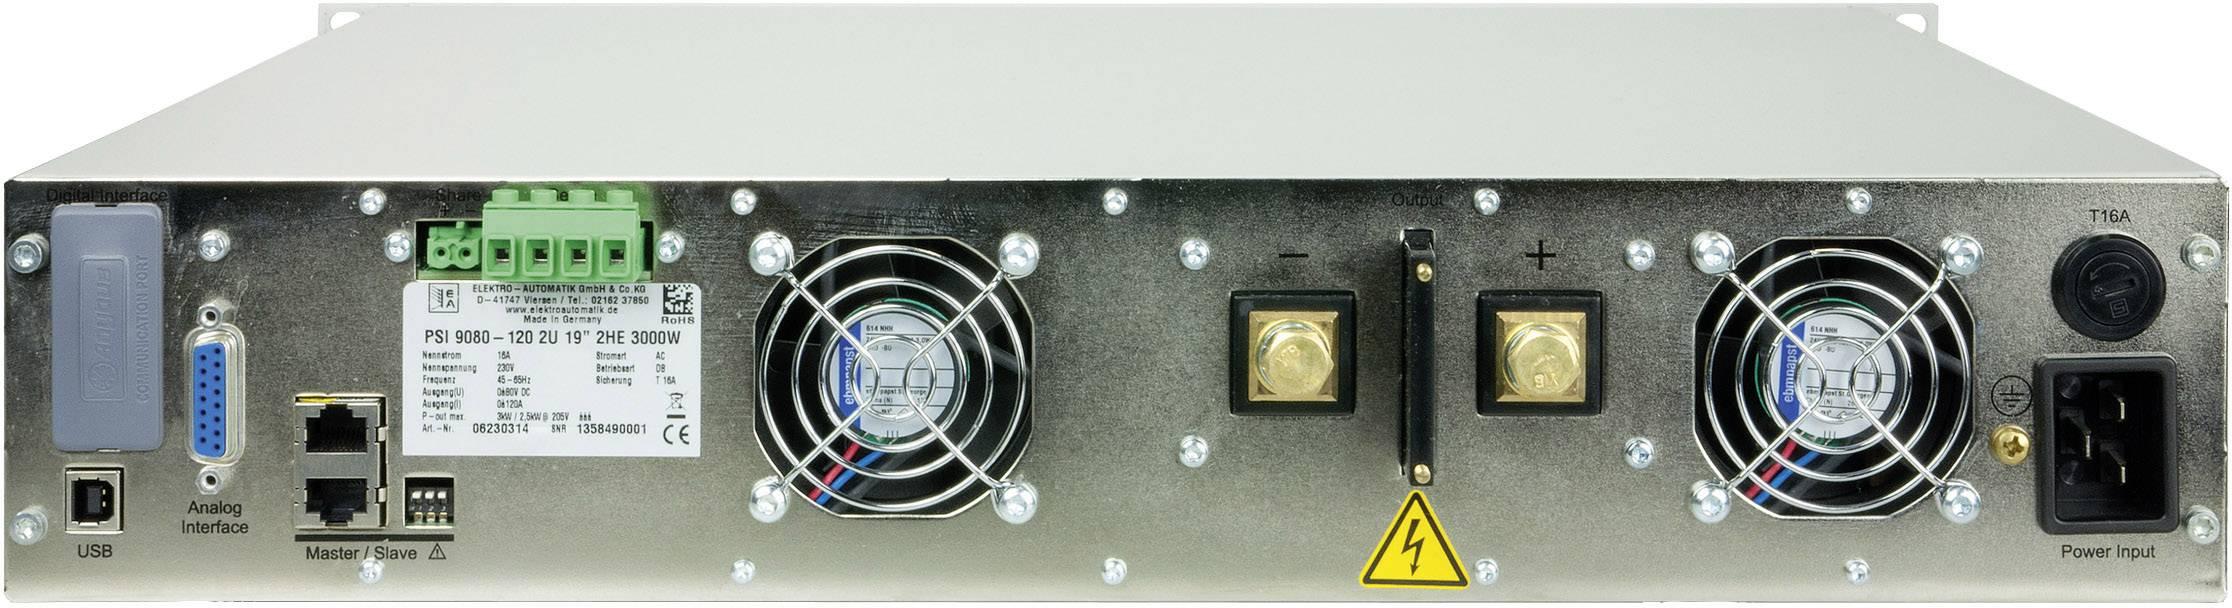 Programovateľný laboratórny zdroj EA EA-PSI 9750-12, 2U, 750 V, 12 A, 3000 W, USB